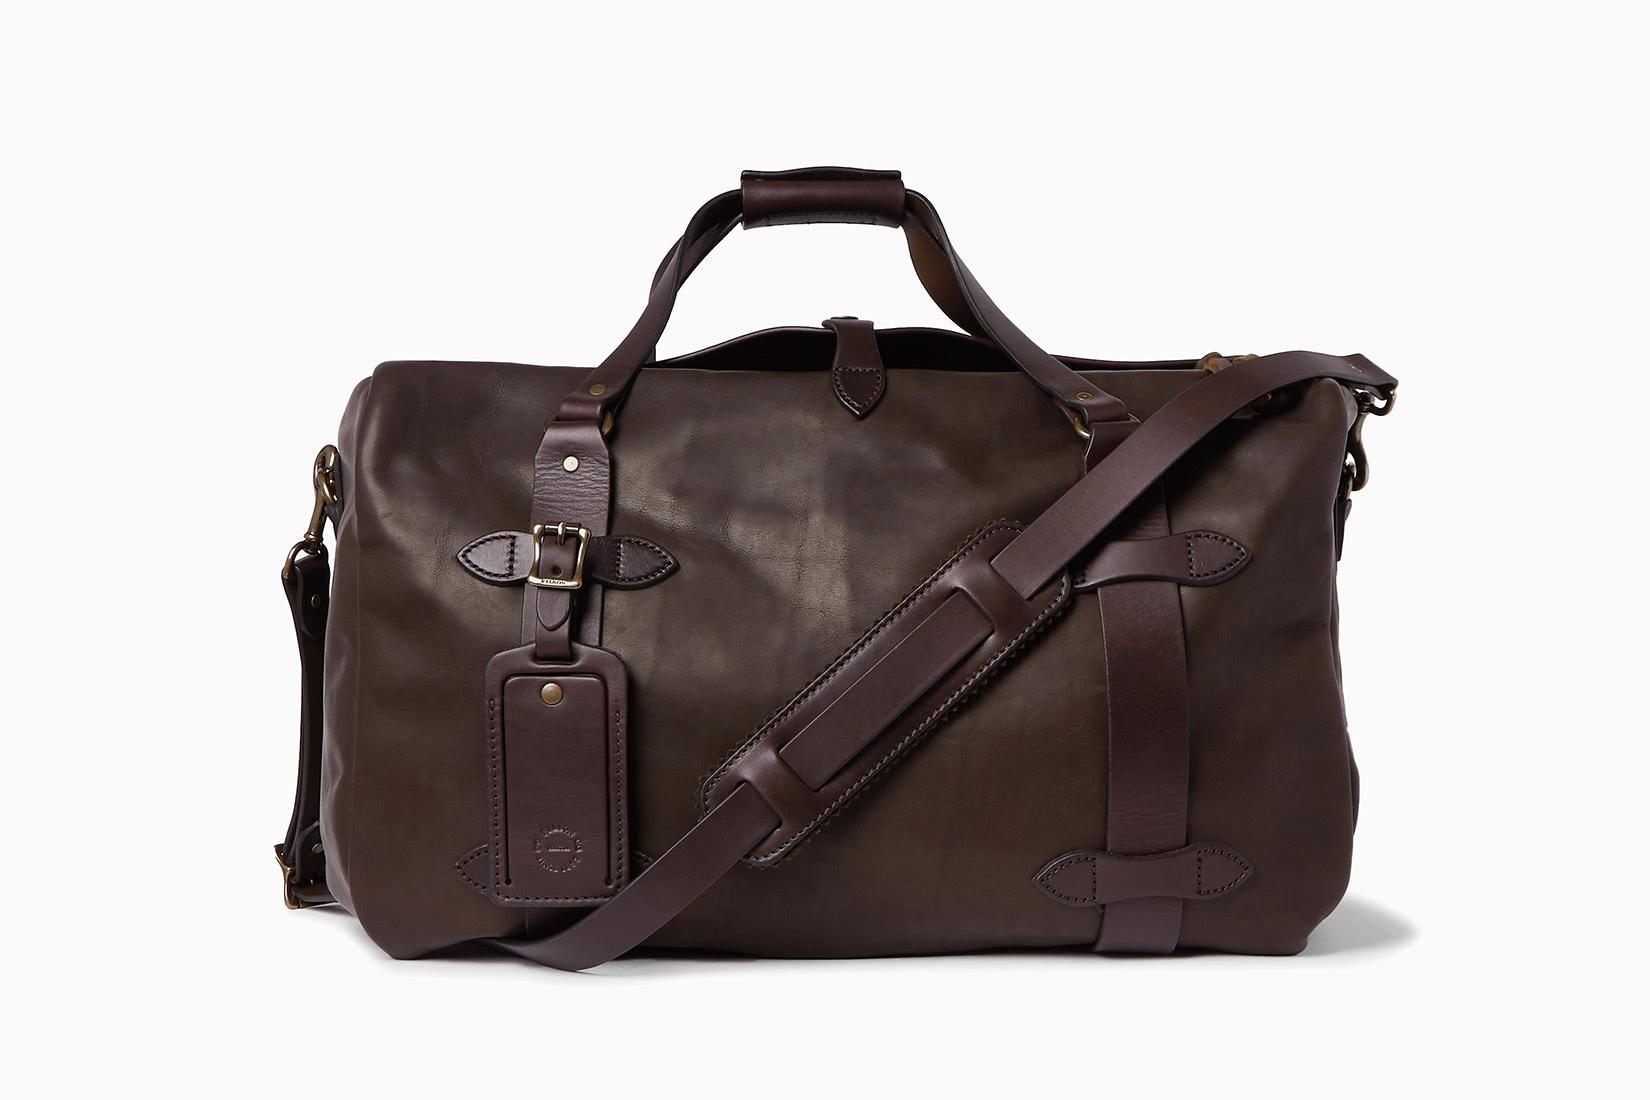 best duffel bags leather filson - Luxe Digital